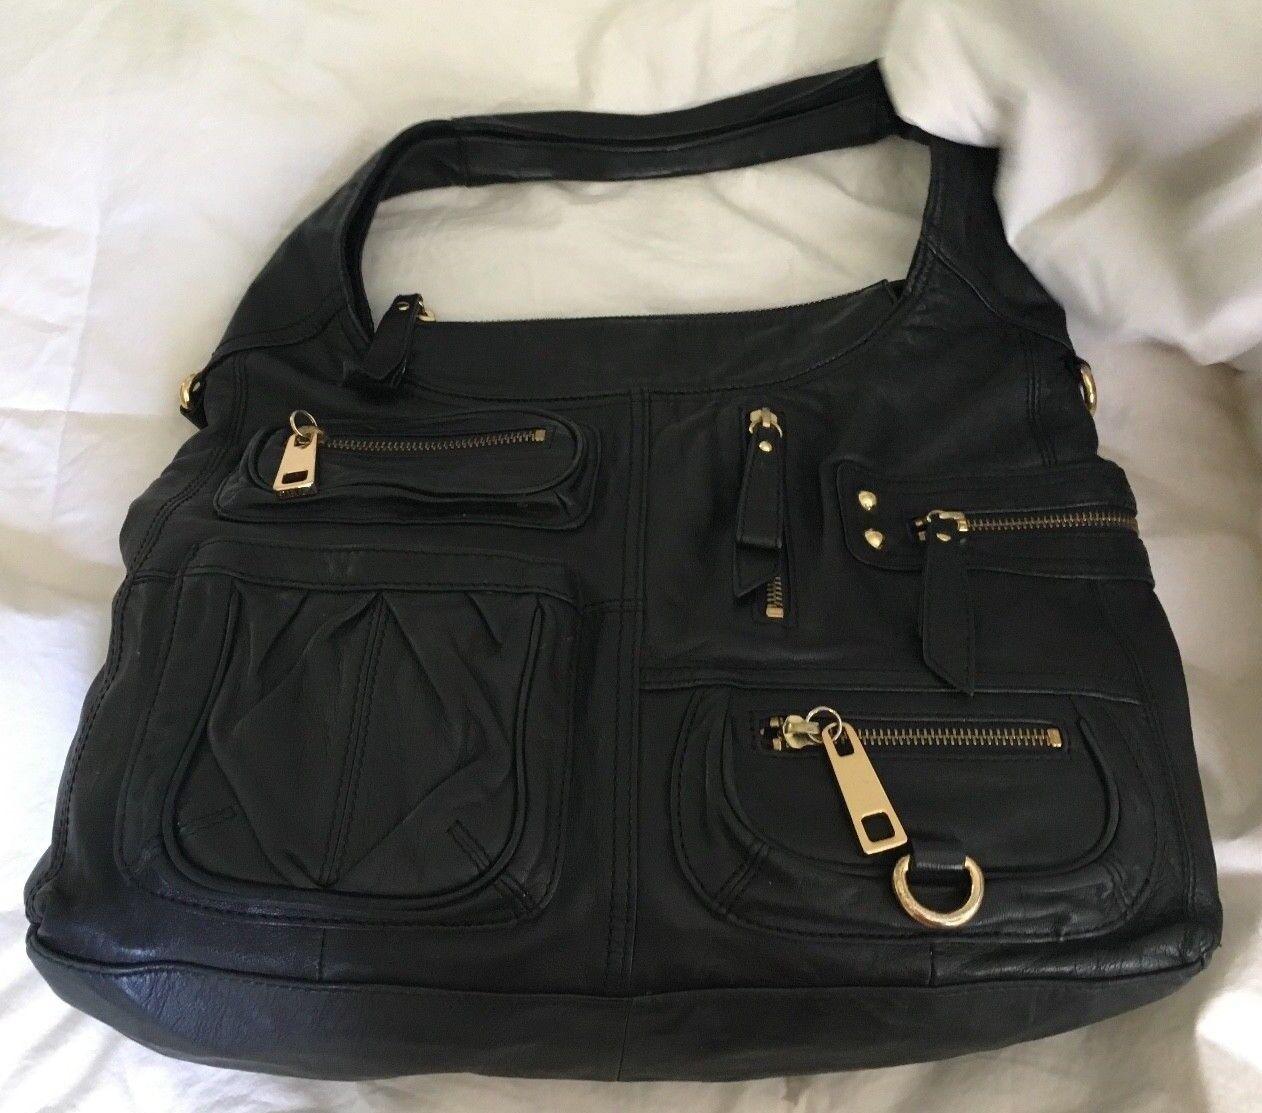 STEVEN by STEVEN MADDEN All Black Leather Multi-Pocket Hobo Handbag Purse Bag